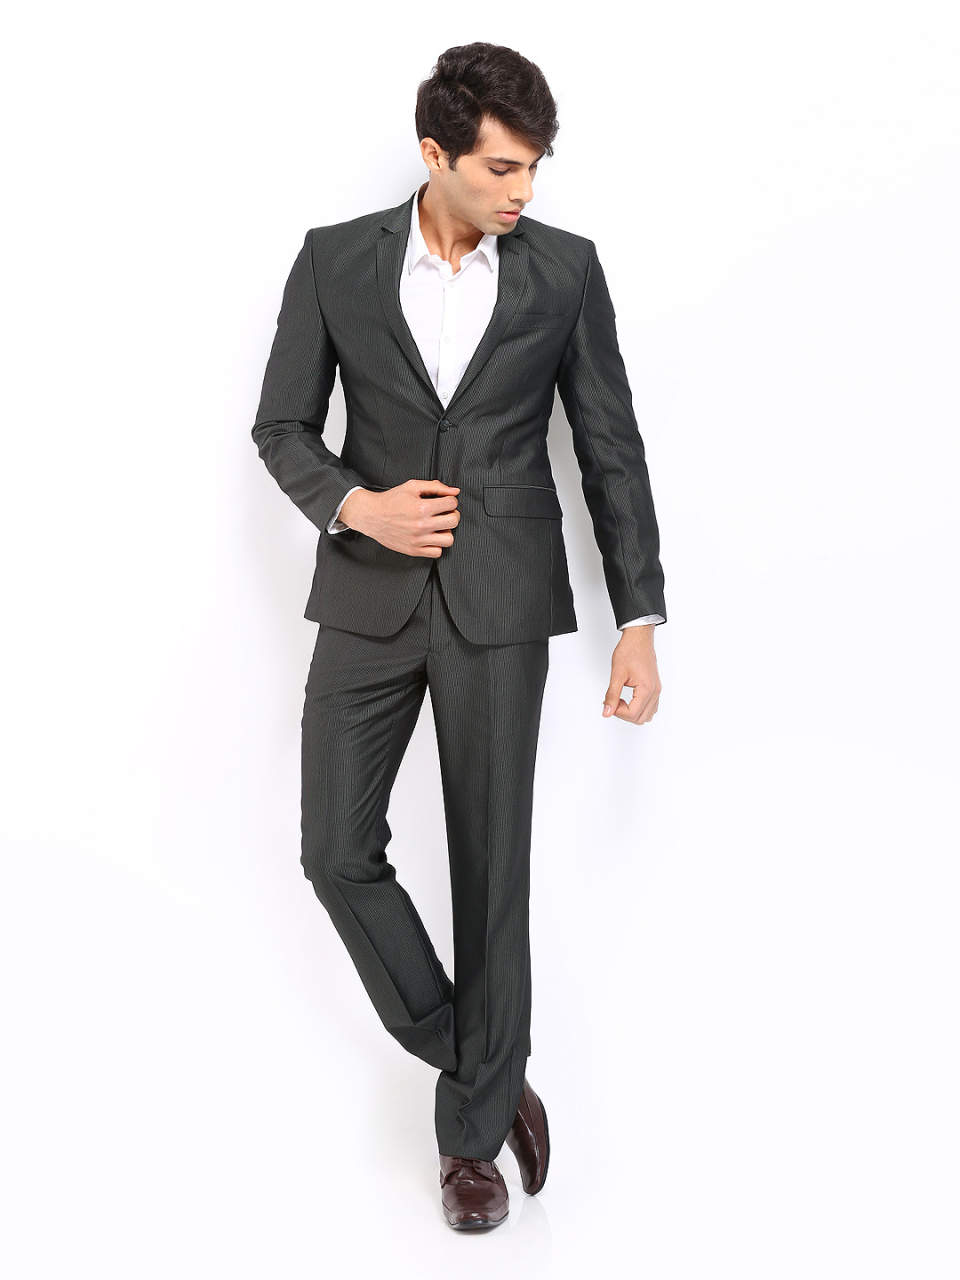 全ての男性ビジネスパーソン必見!知っておくとちょっと得するスーツの着こなし5つのルール 2番目の画像